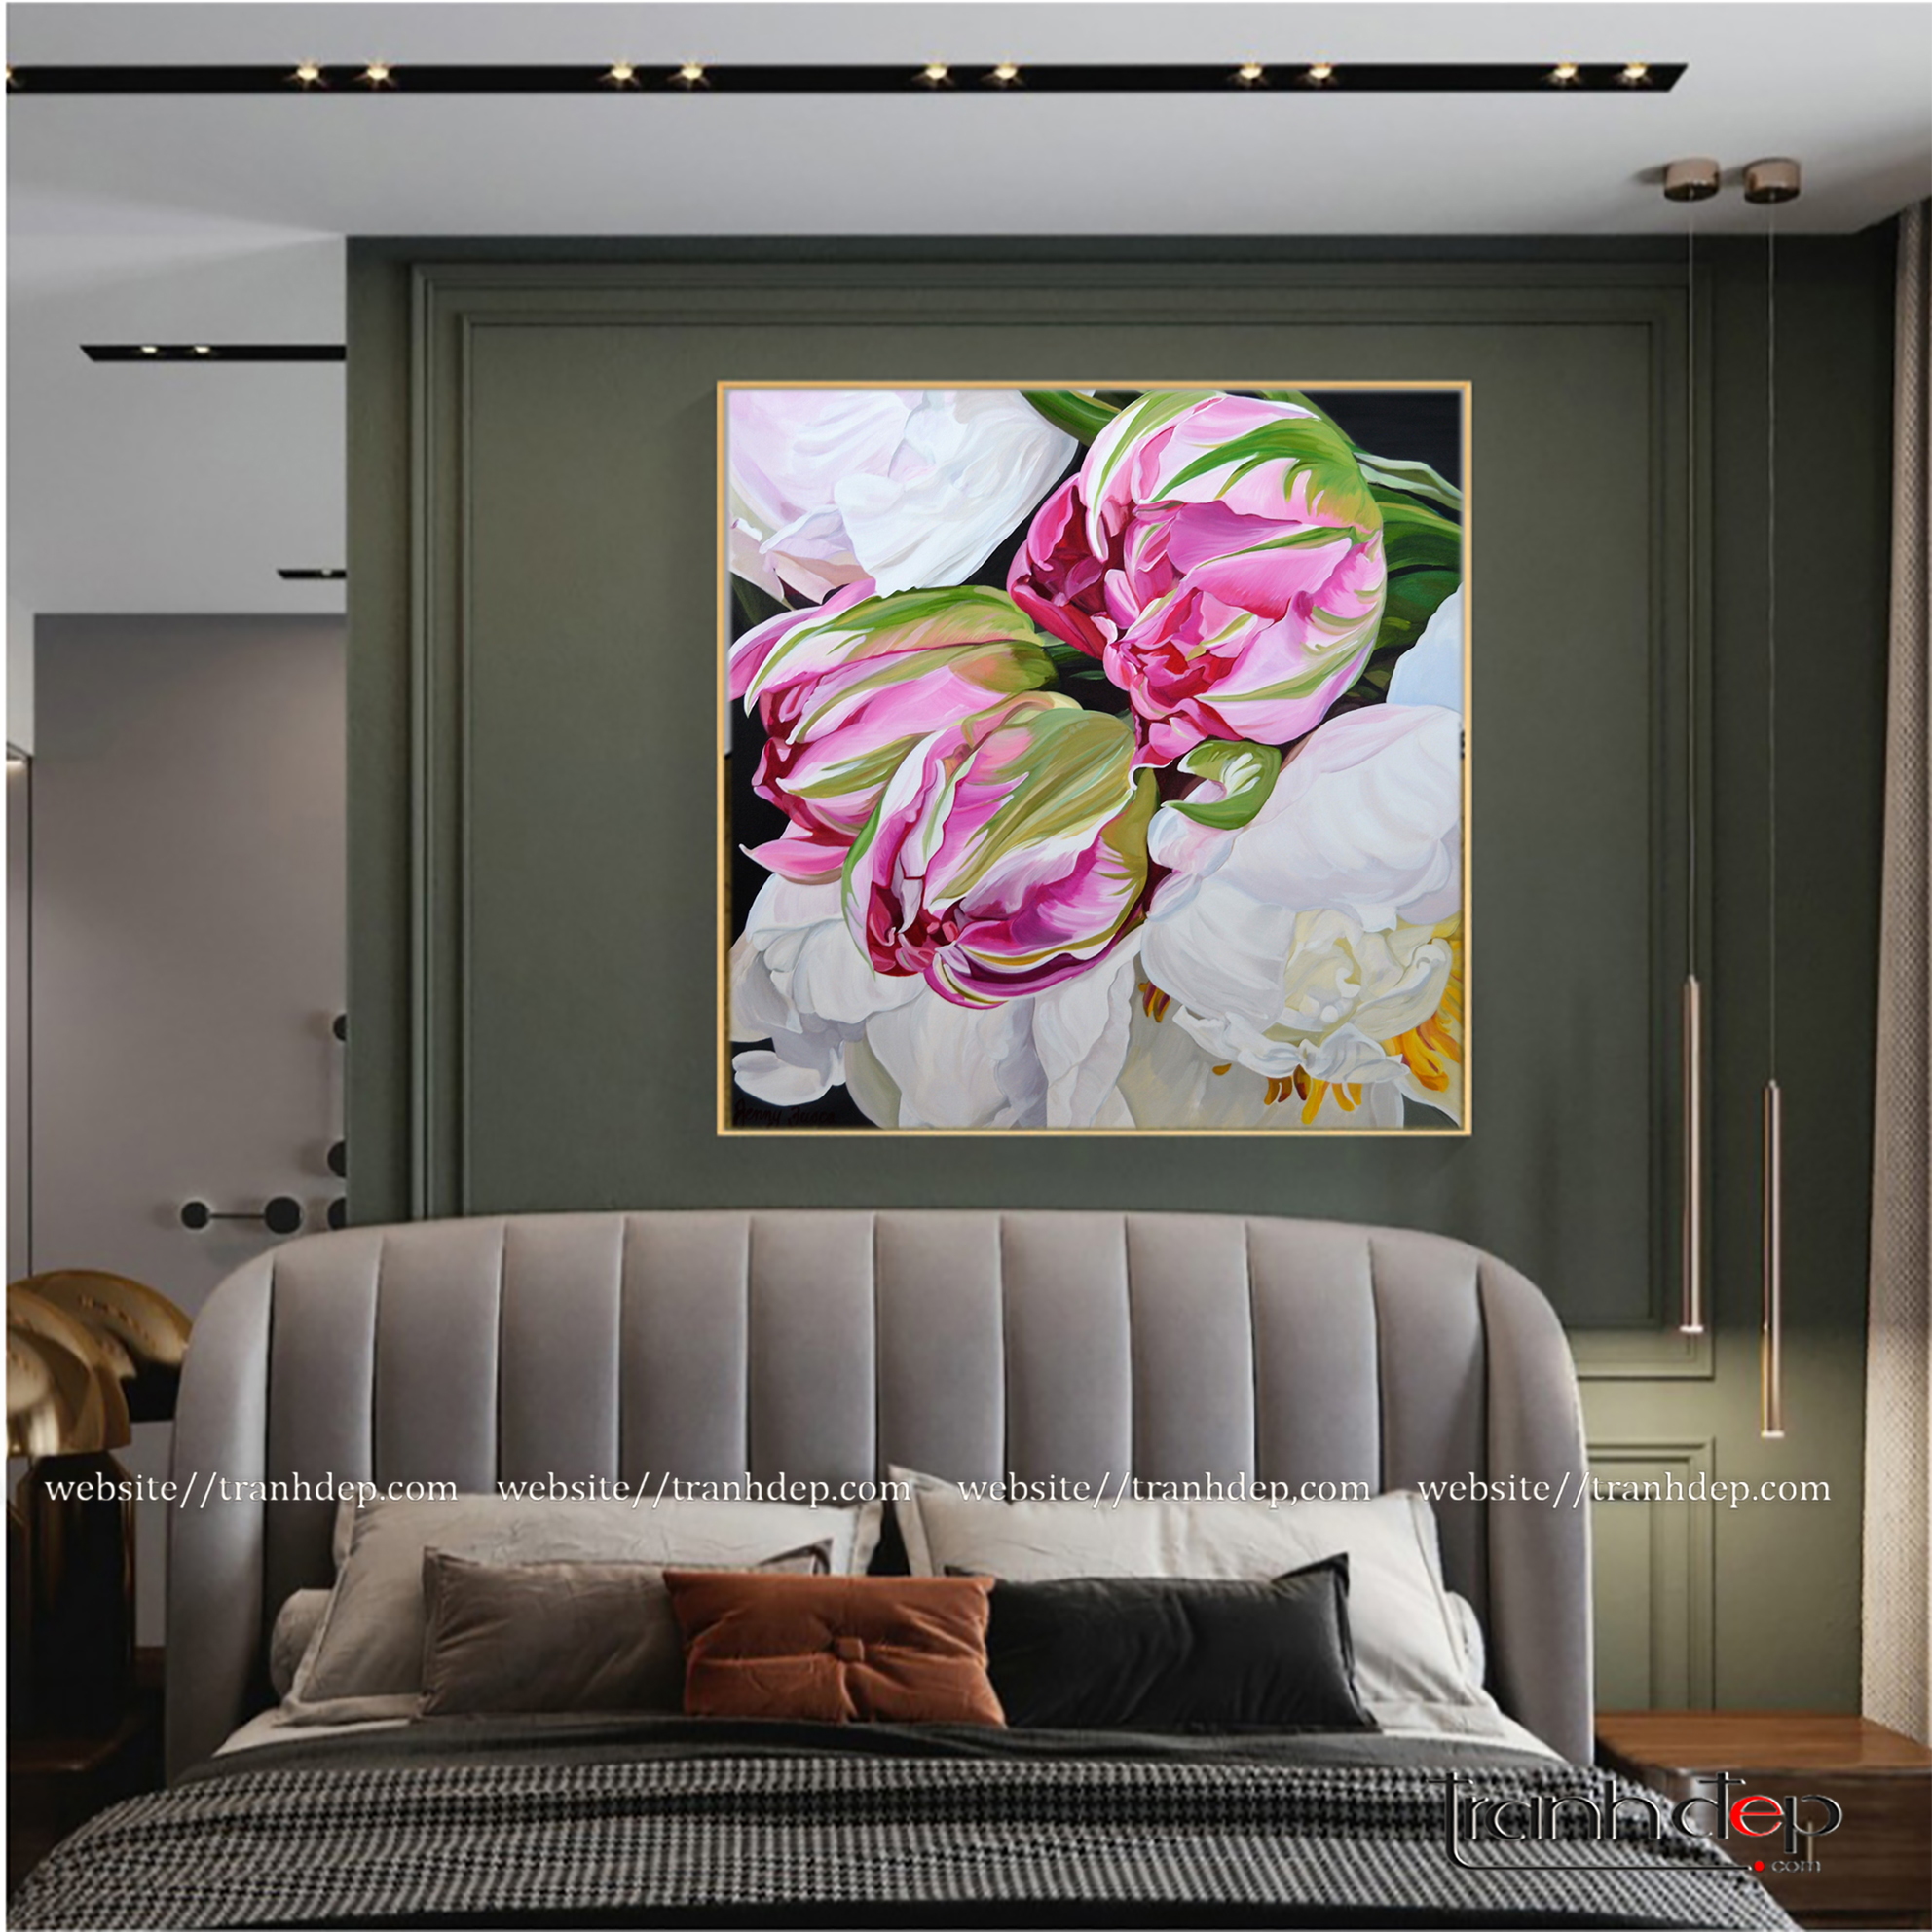 Tranh vẽ mẫu đơn trắng và hoa tulip hồng trong không gian